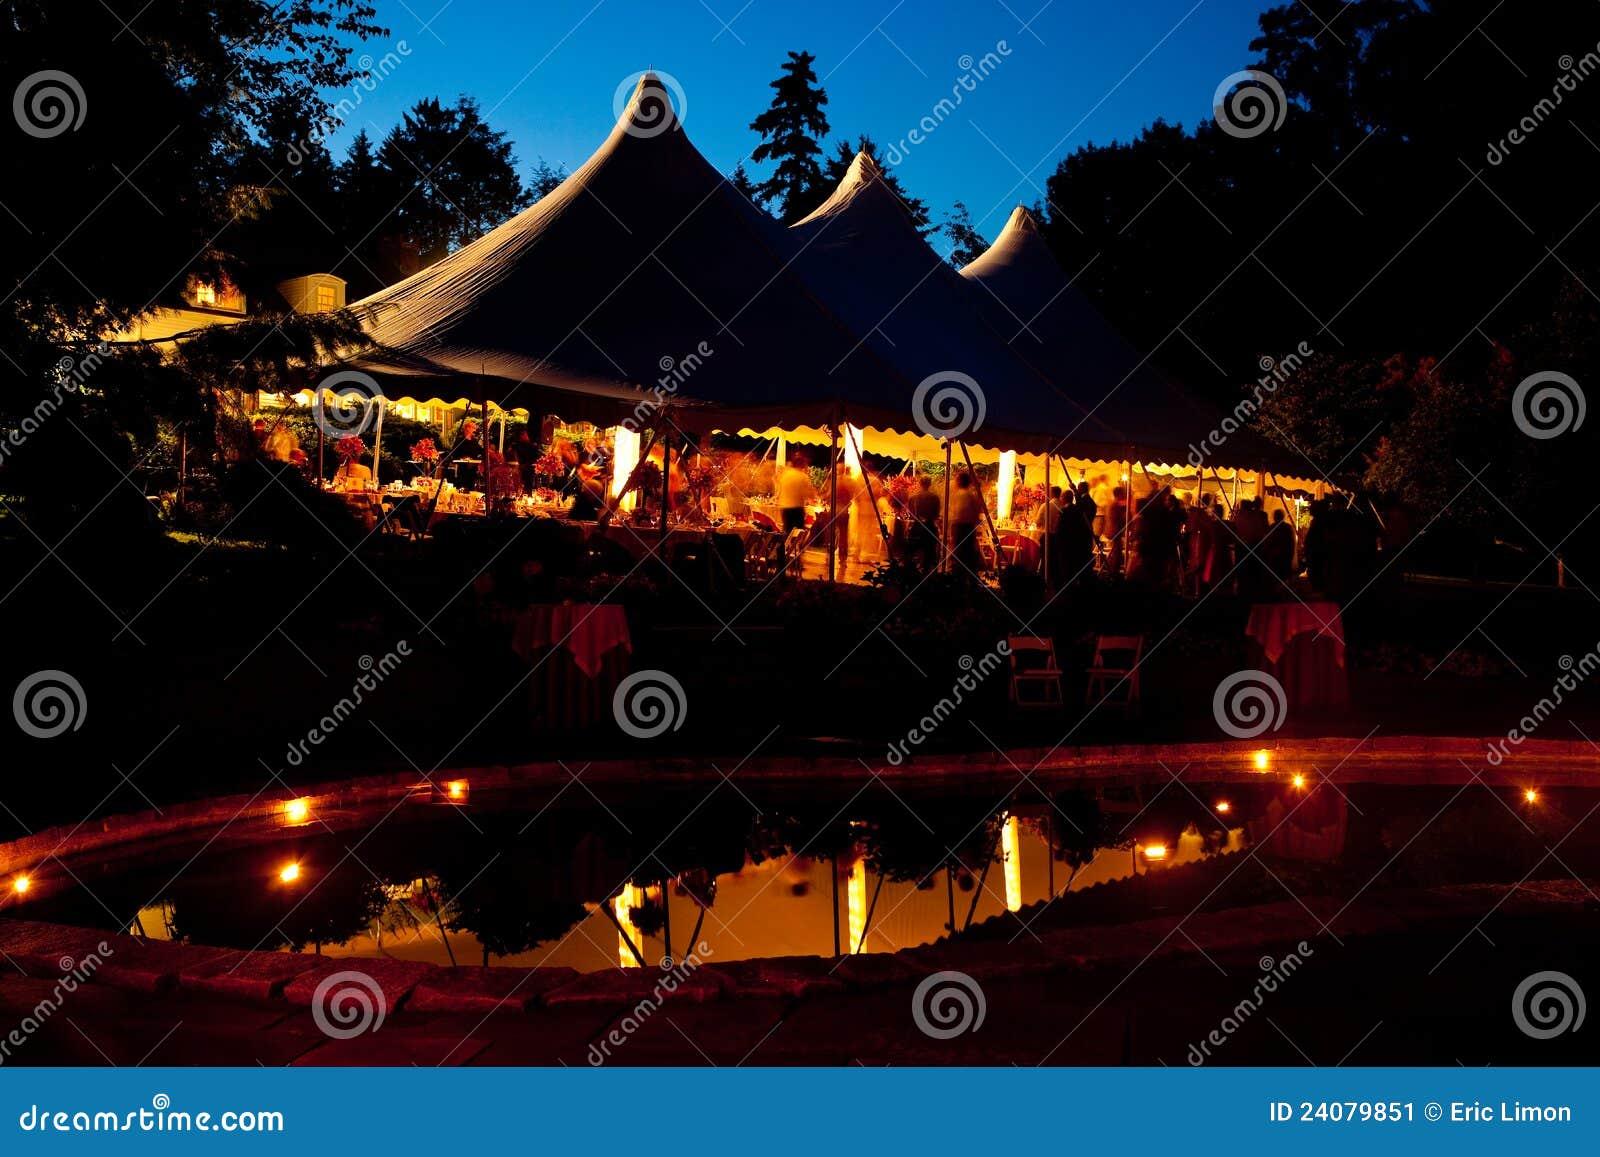 Tente de mariage de nuit avec une réflexion de regroupement